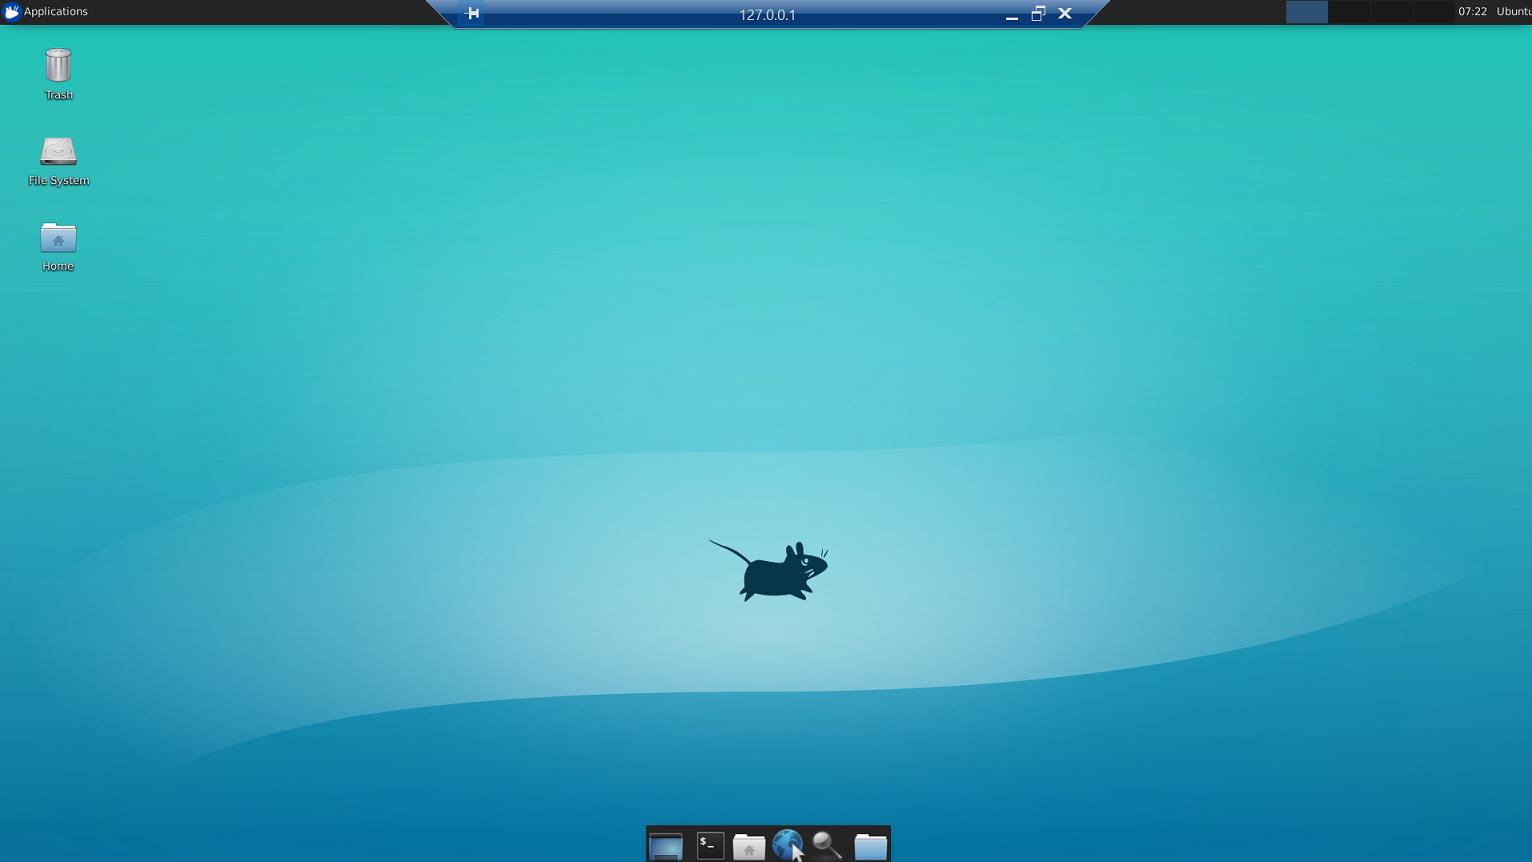 ใช้งาน GUI ใน Ubuntu Linux บน AWS EC2 - How to Use a GUI with Ubuntu Linux on AWS EC2